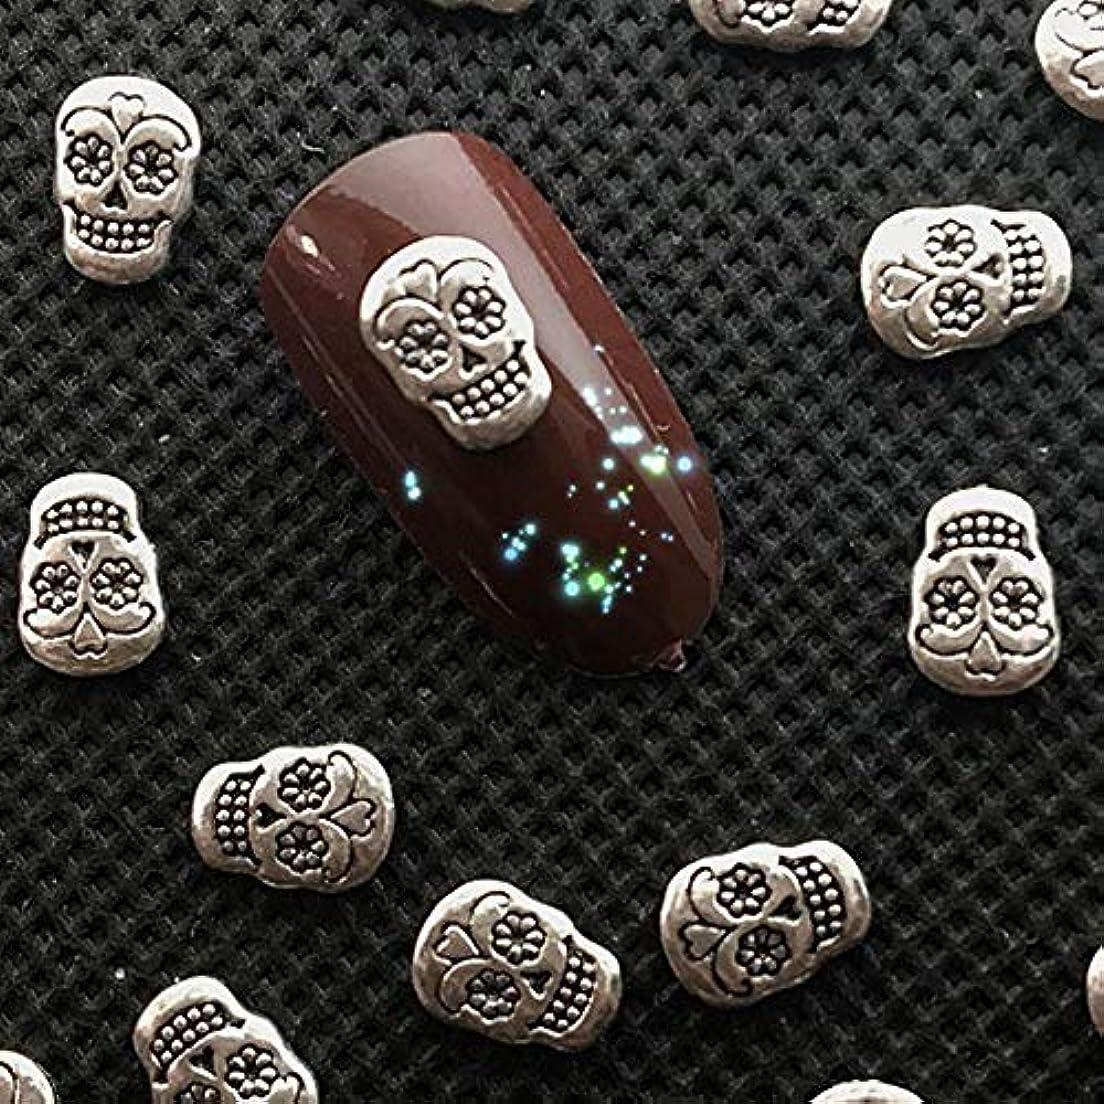 きれいに降ろすロビー10PCSのレトロなシルバースカルネイルアートの装飾メタル用品